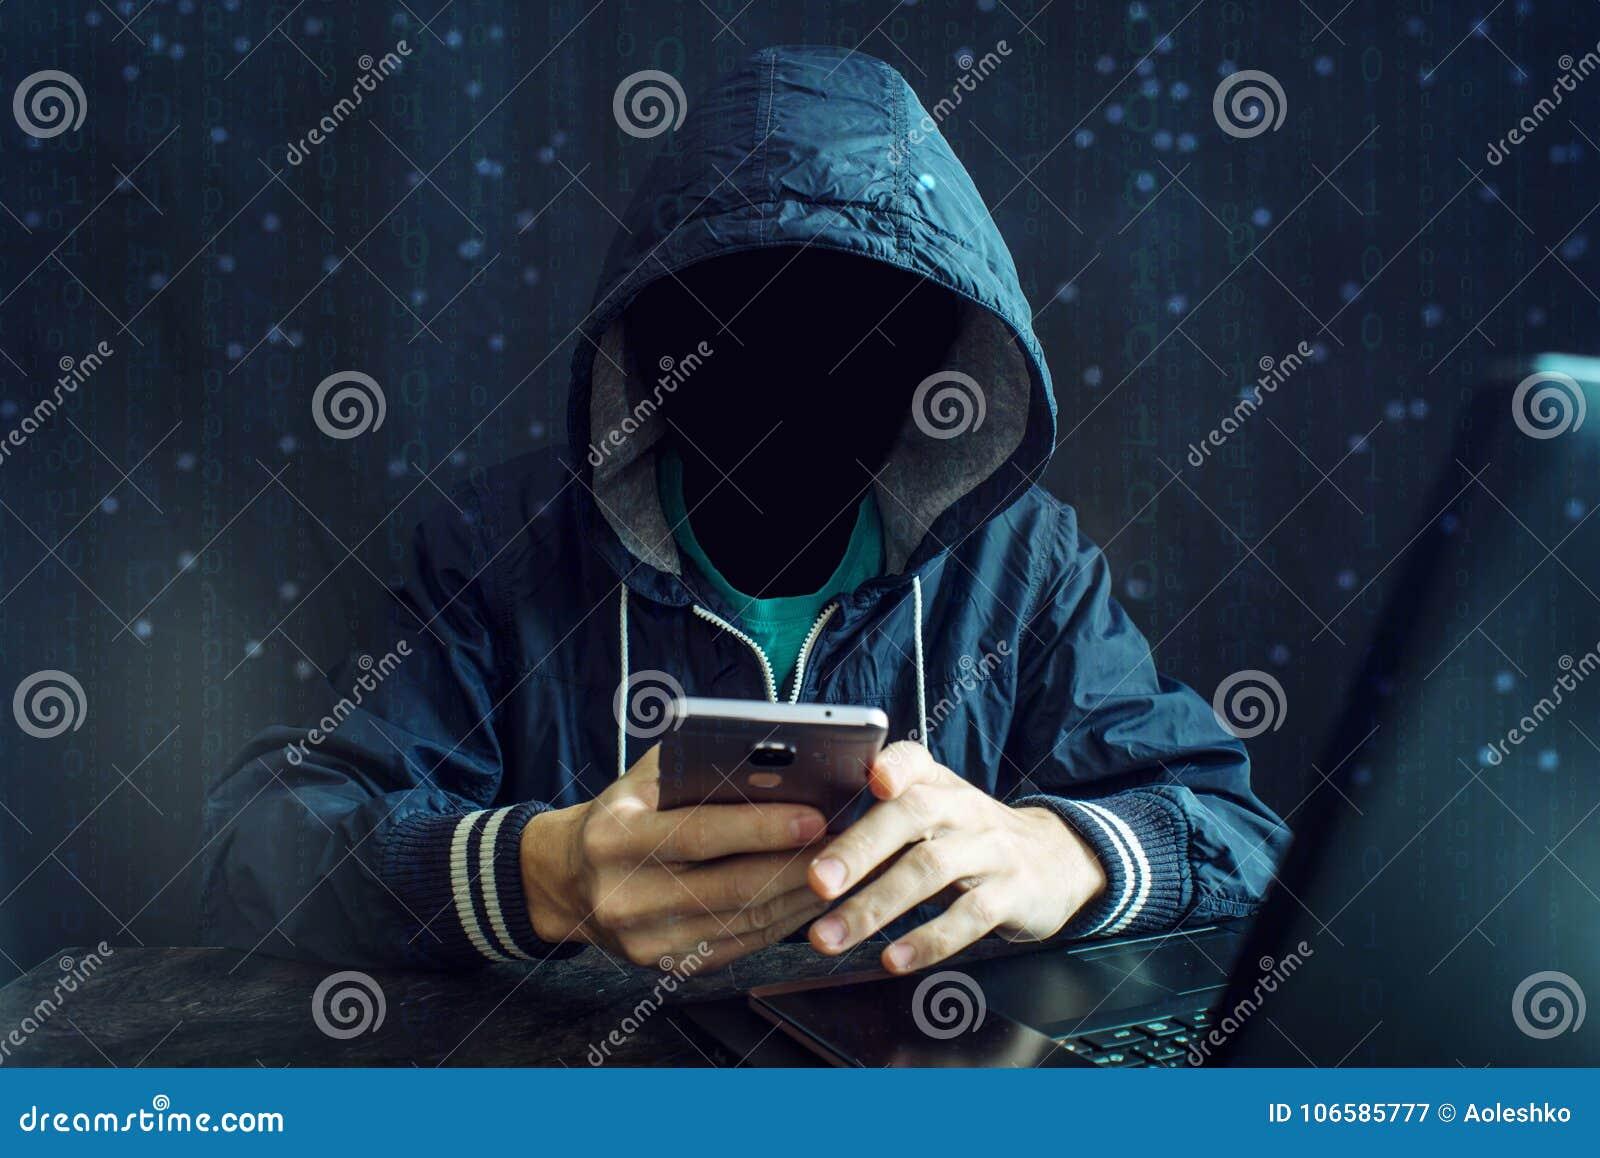 Ein anonymer Hacker ohne ein Gesicht benutzt einen Handy, um das System zu zerhacken Das Konzept des Cyberverbrechens